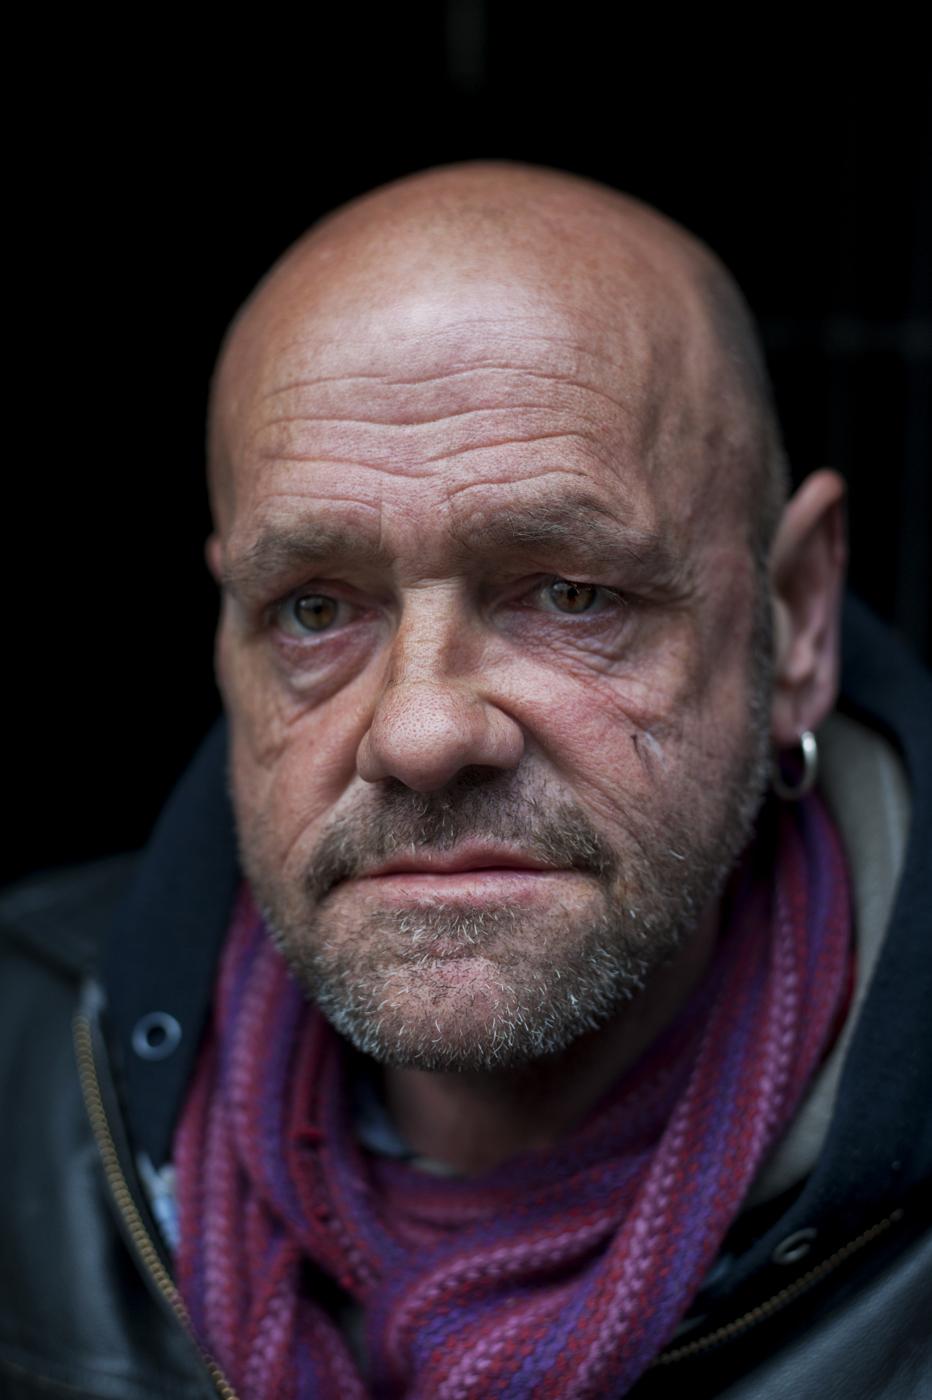 0020_23_homeless_london.jpg